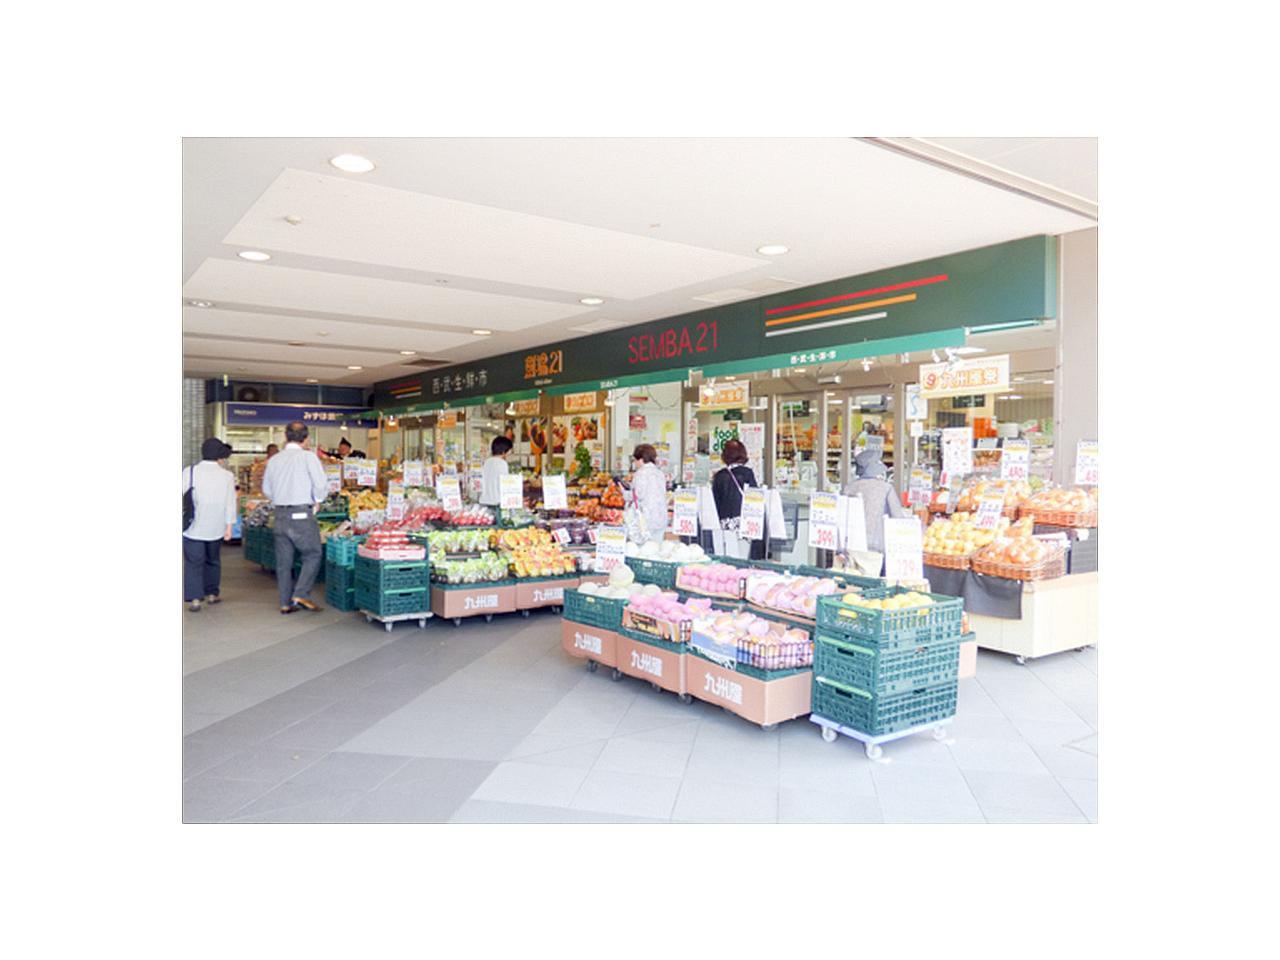 九州屋 鮮場21航空公園店